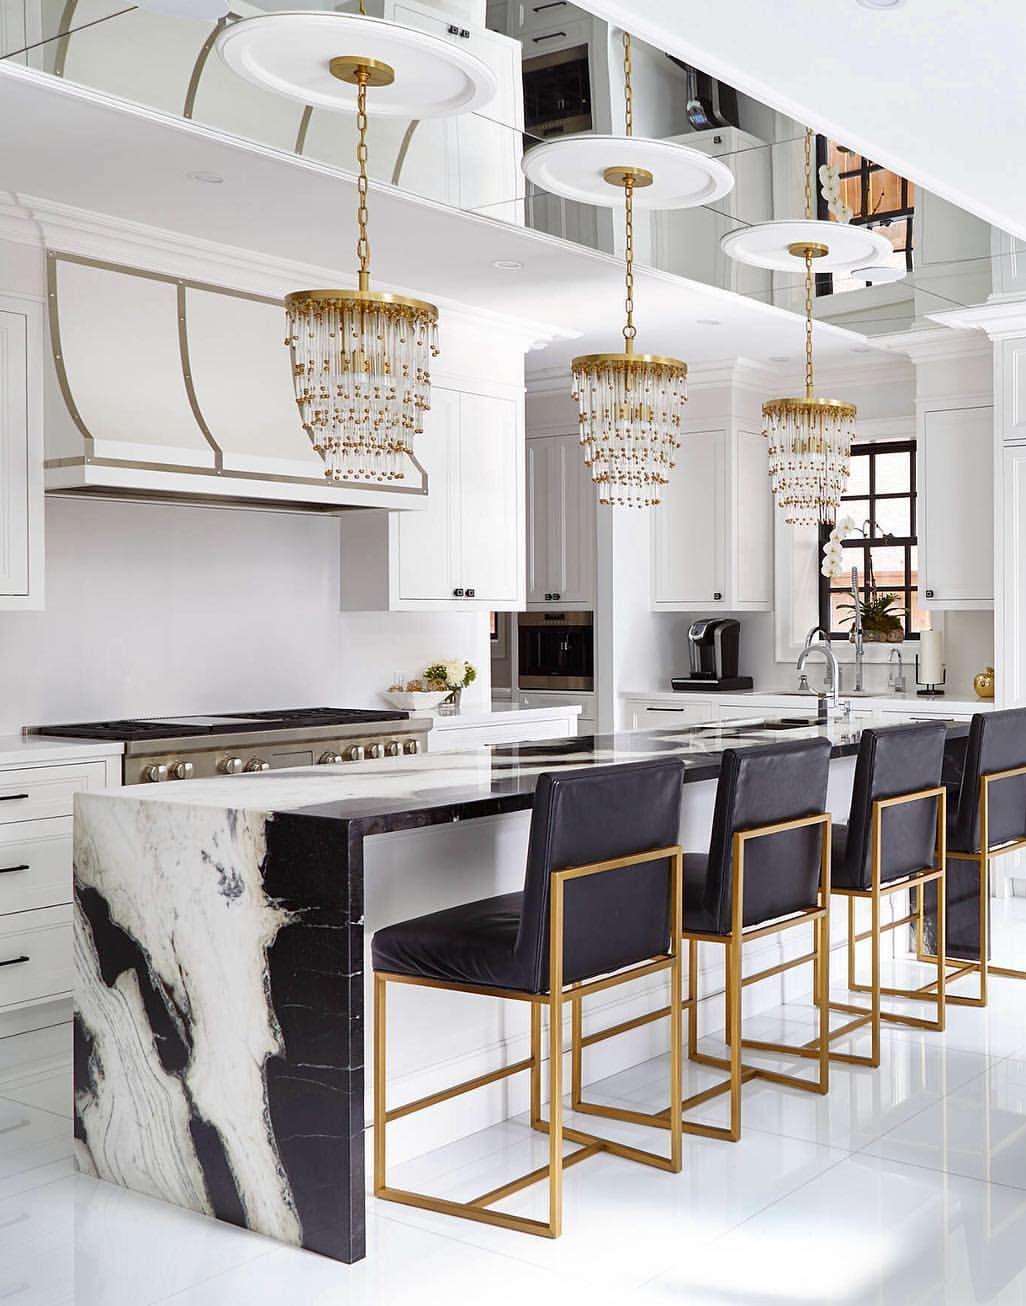 Contemporary Glamorous Kitchen